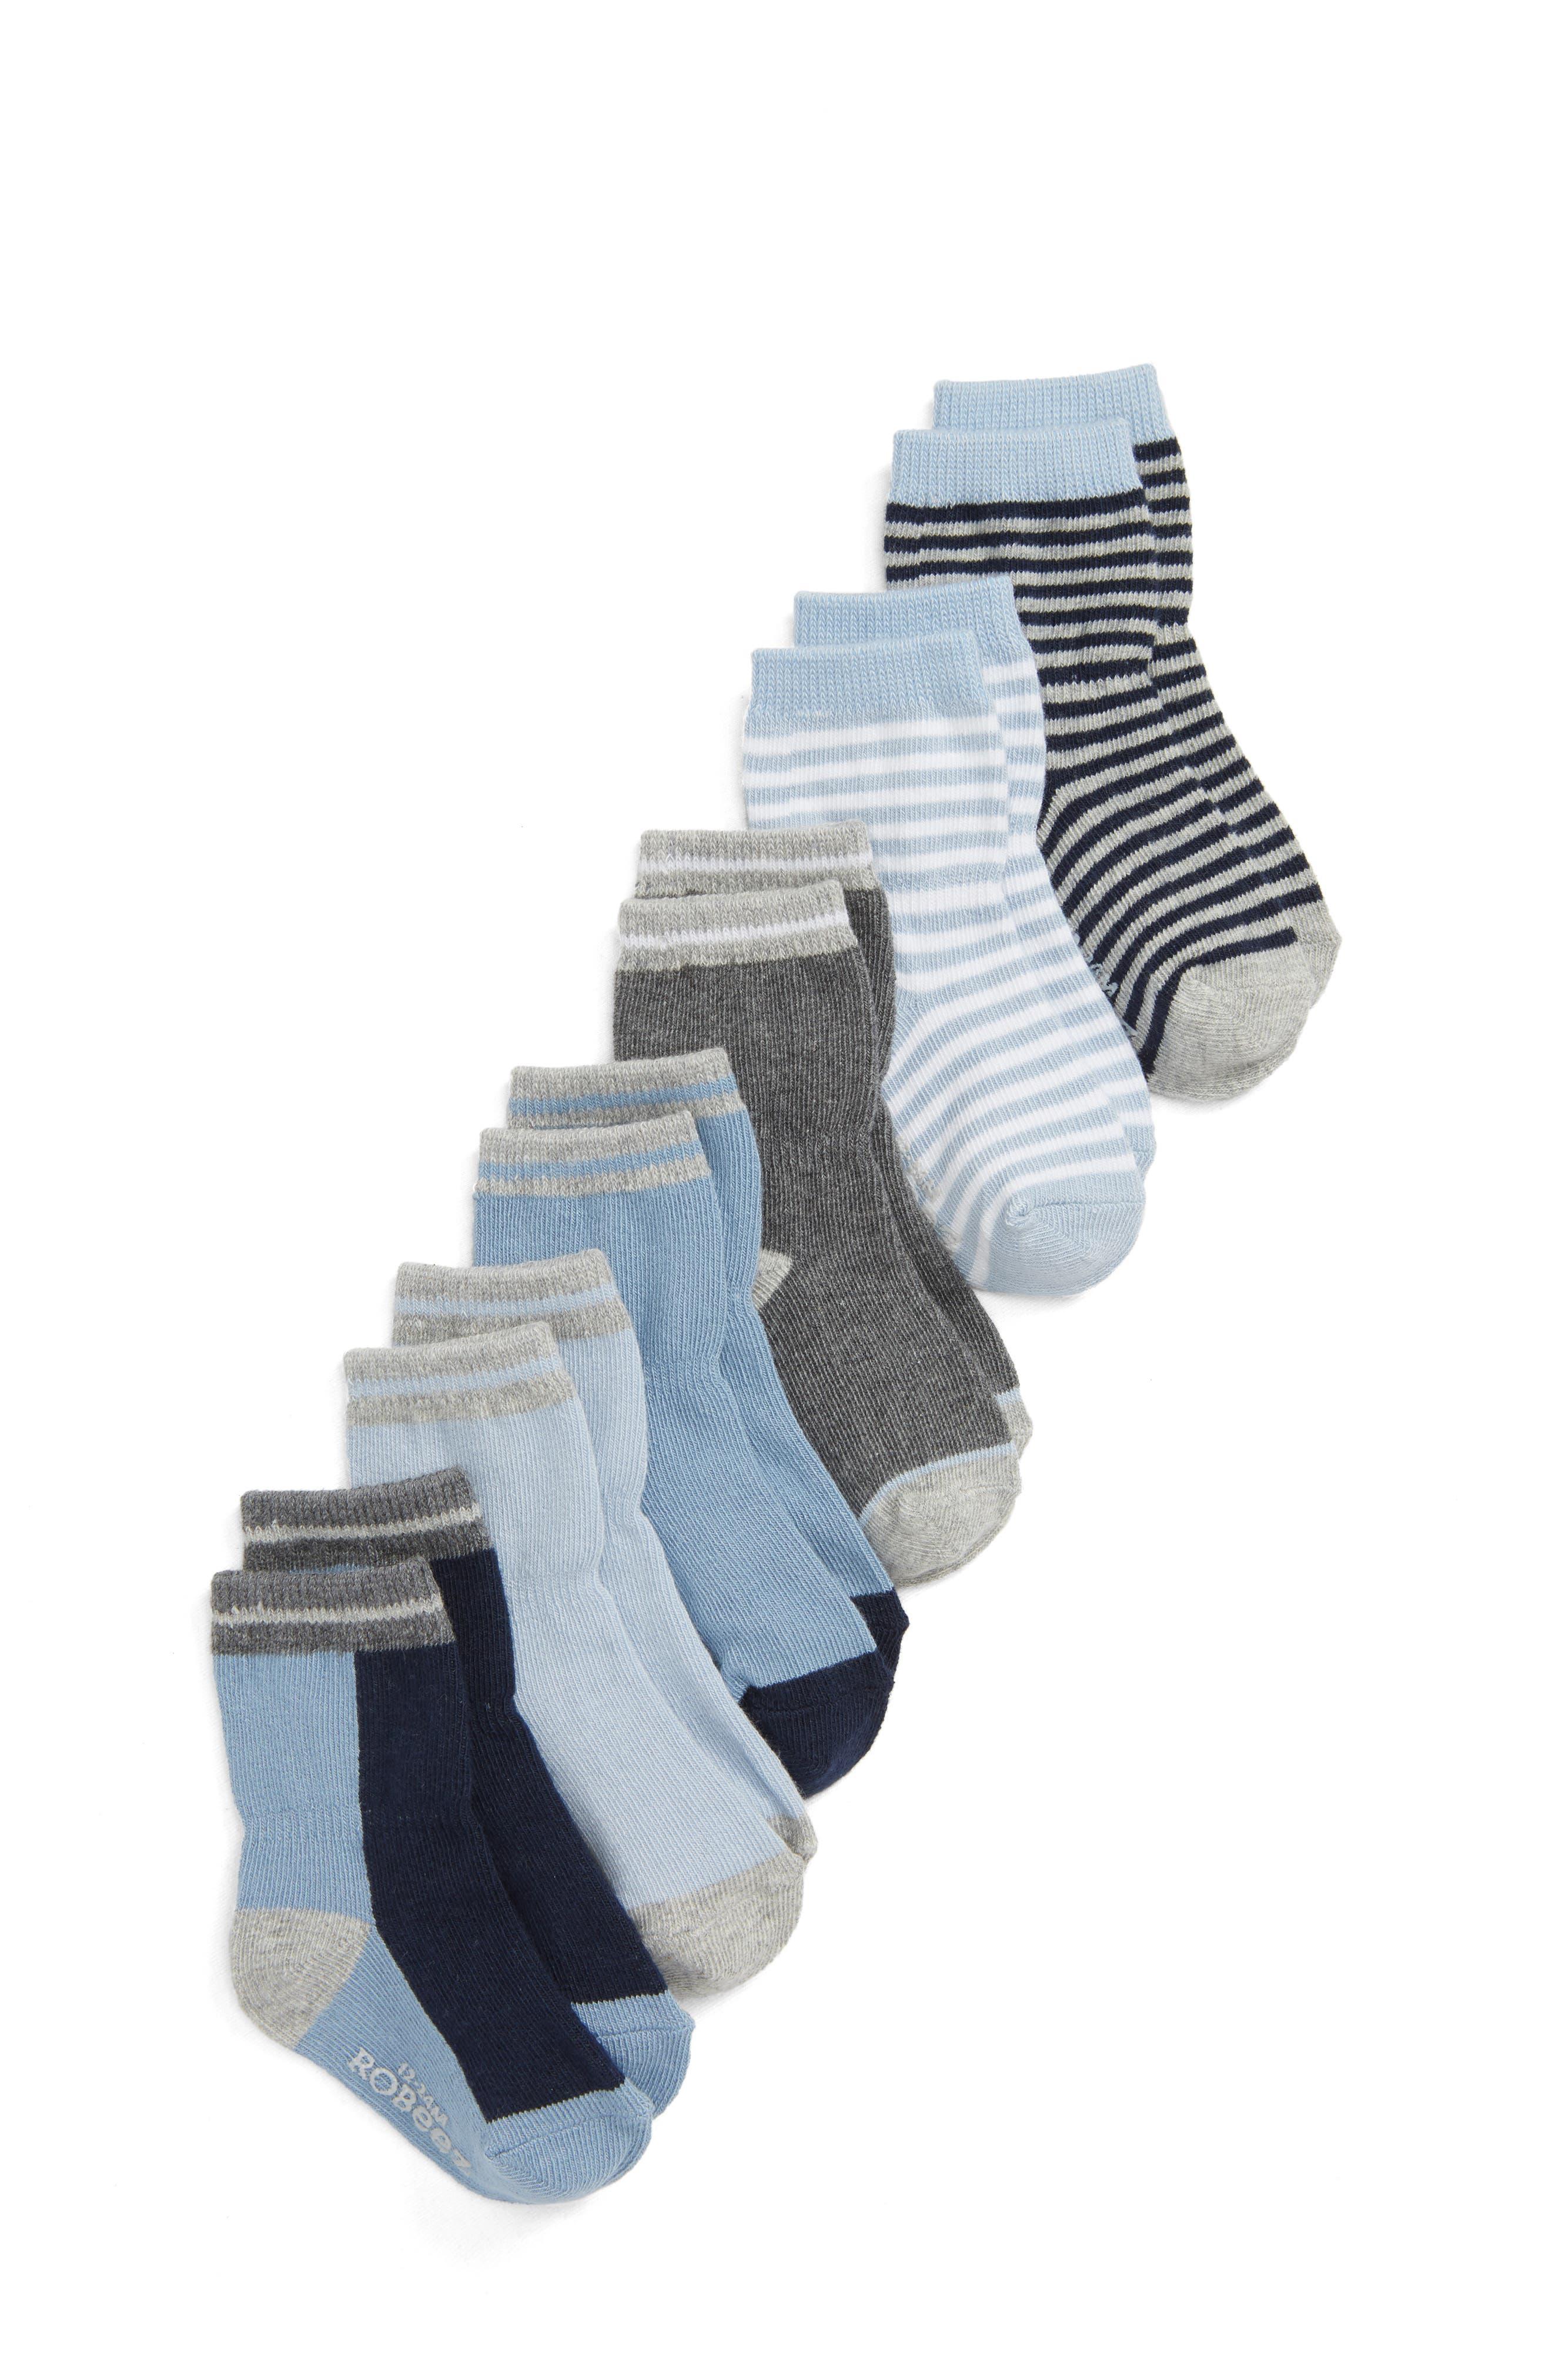 Benjamin Blue 6-Pack Socks,                         Main,                         color, 420